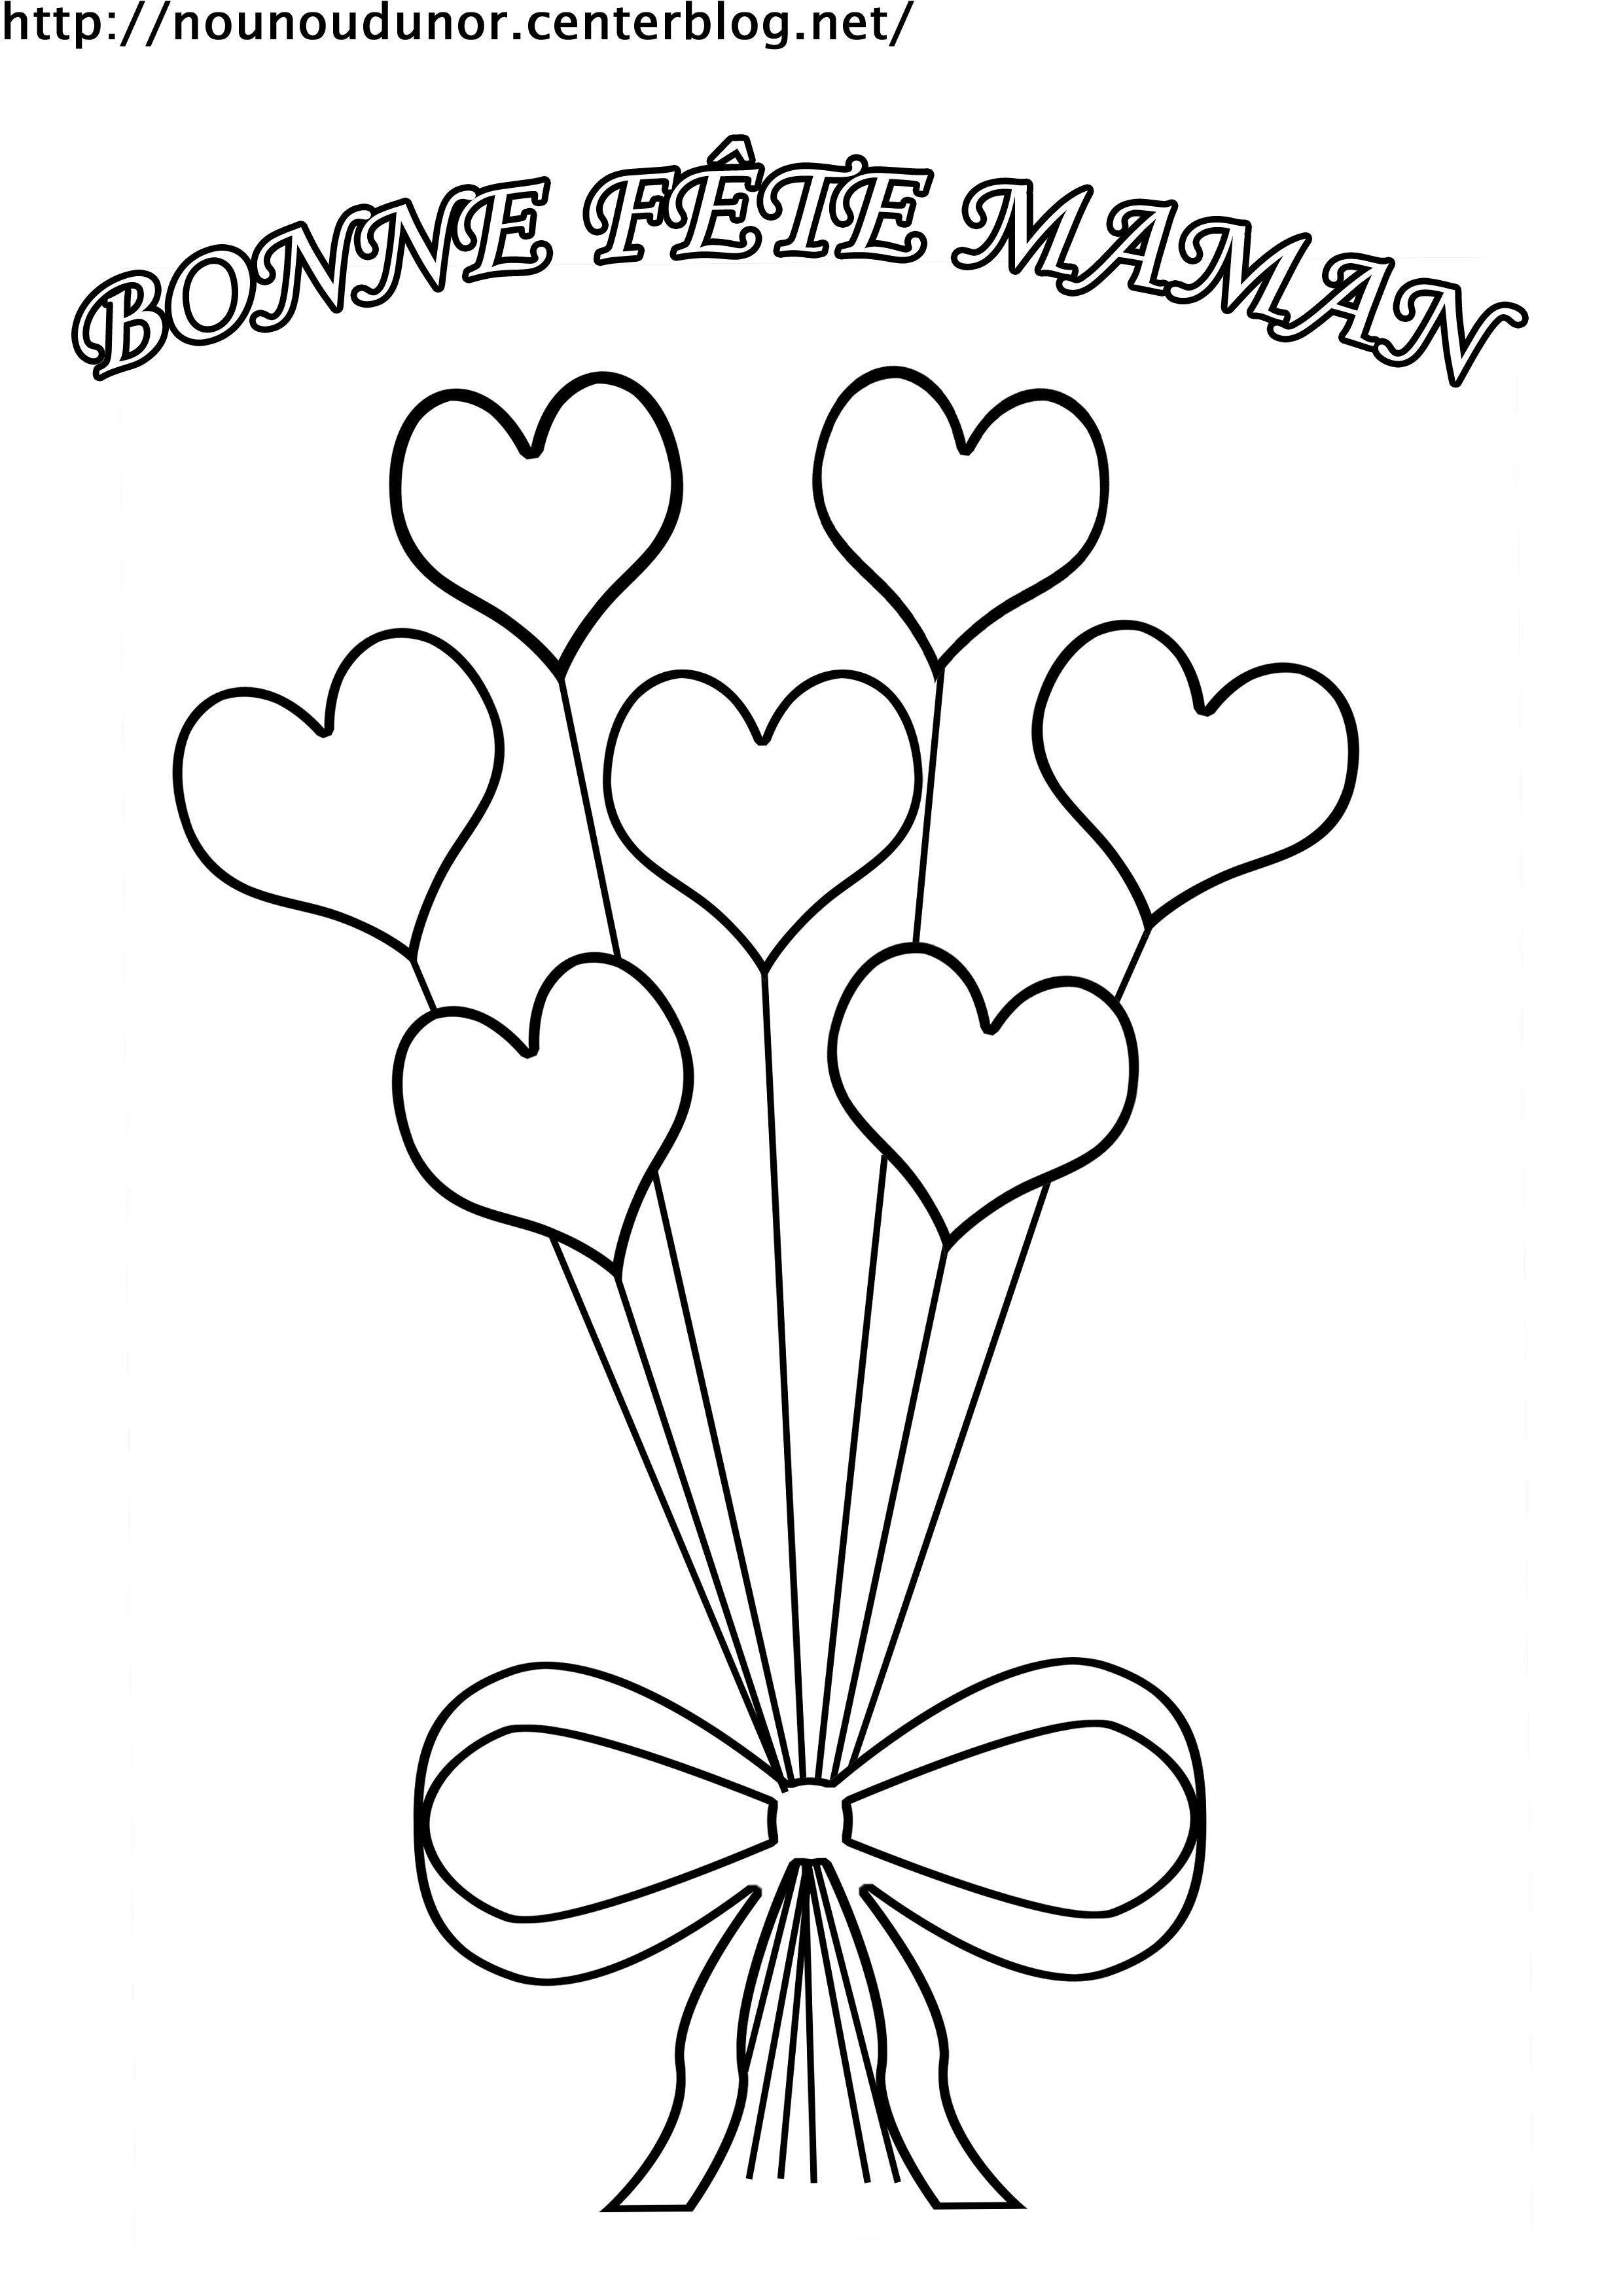 Coloriage Bouquet De Coeur Bonne Fête Maman pour Fete Des Meres Dessin